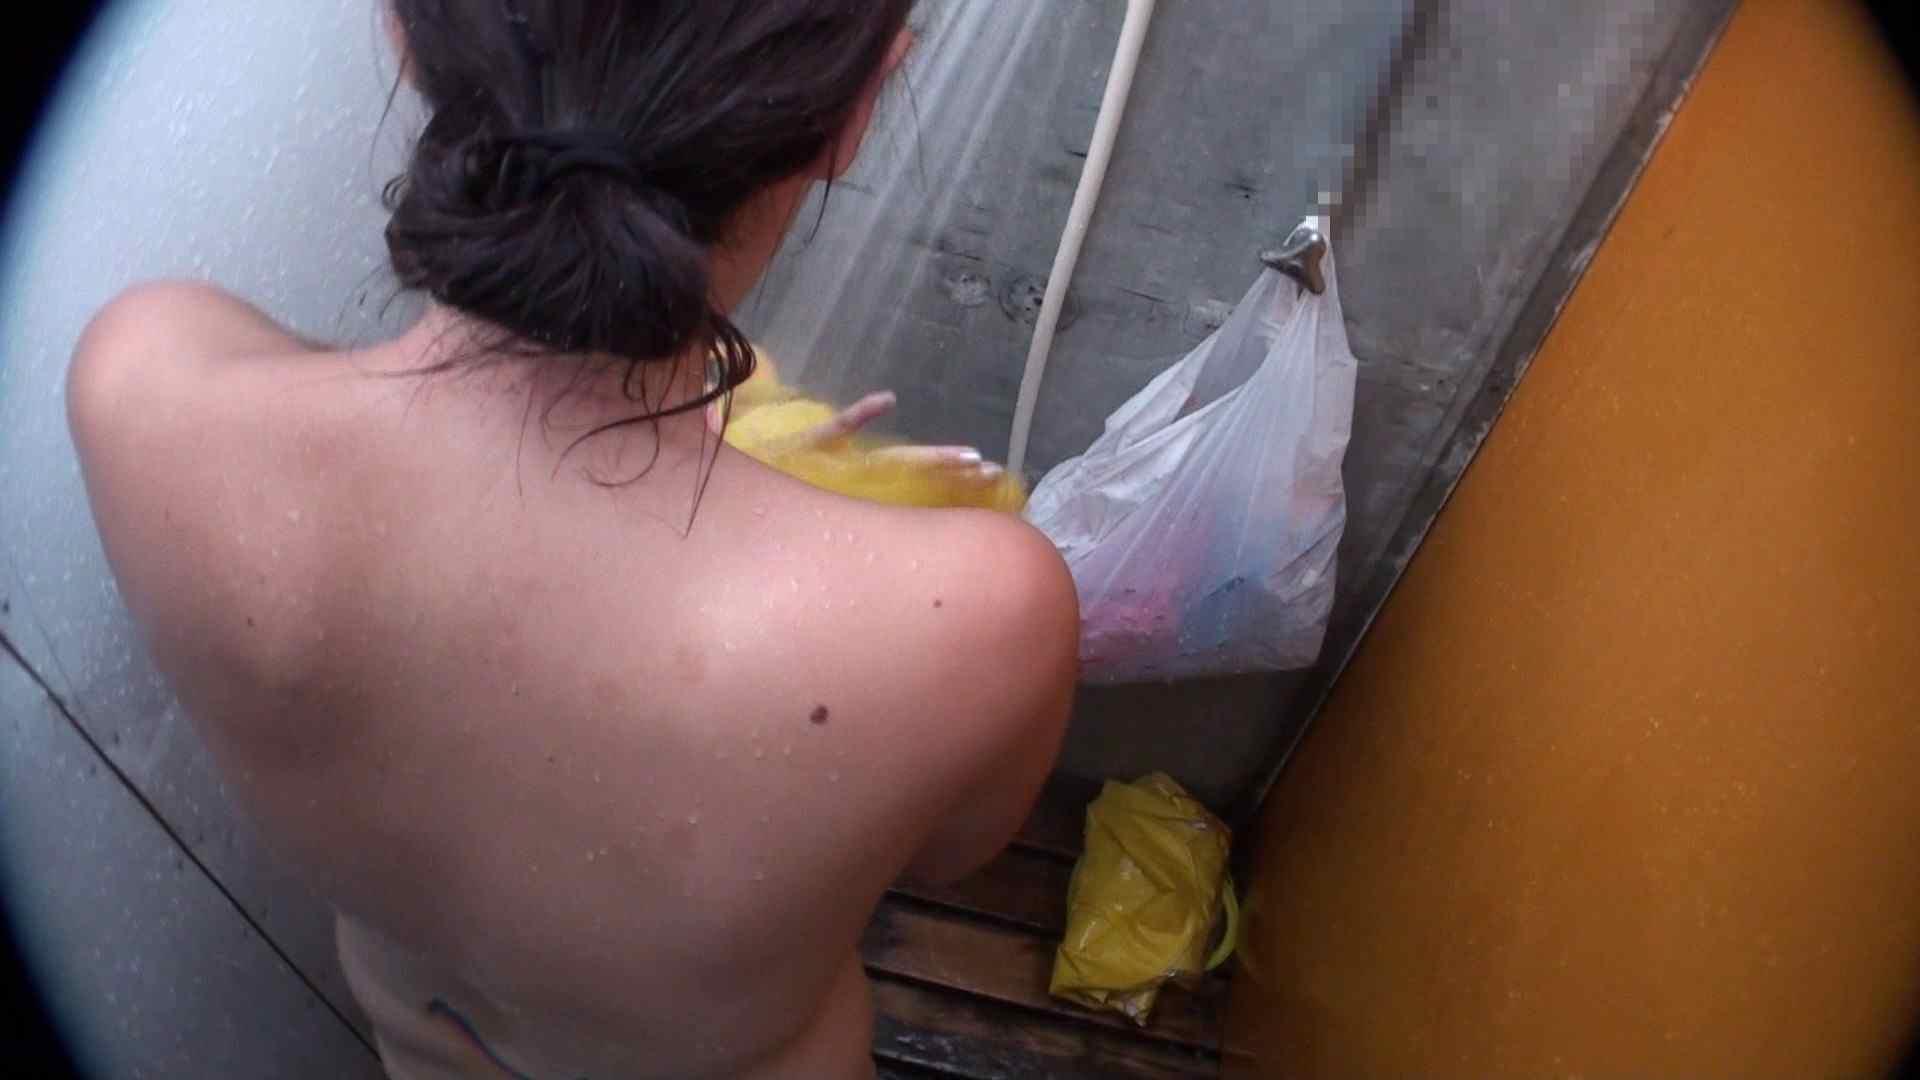 ハイビジョンVol.31 清楚なママのパンツはティーバック シャワー室 スケベ動画紹介 102枚 51